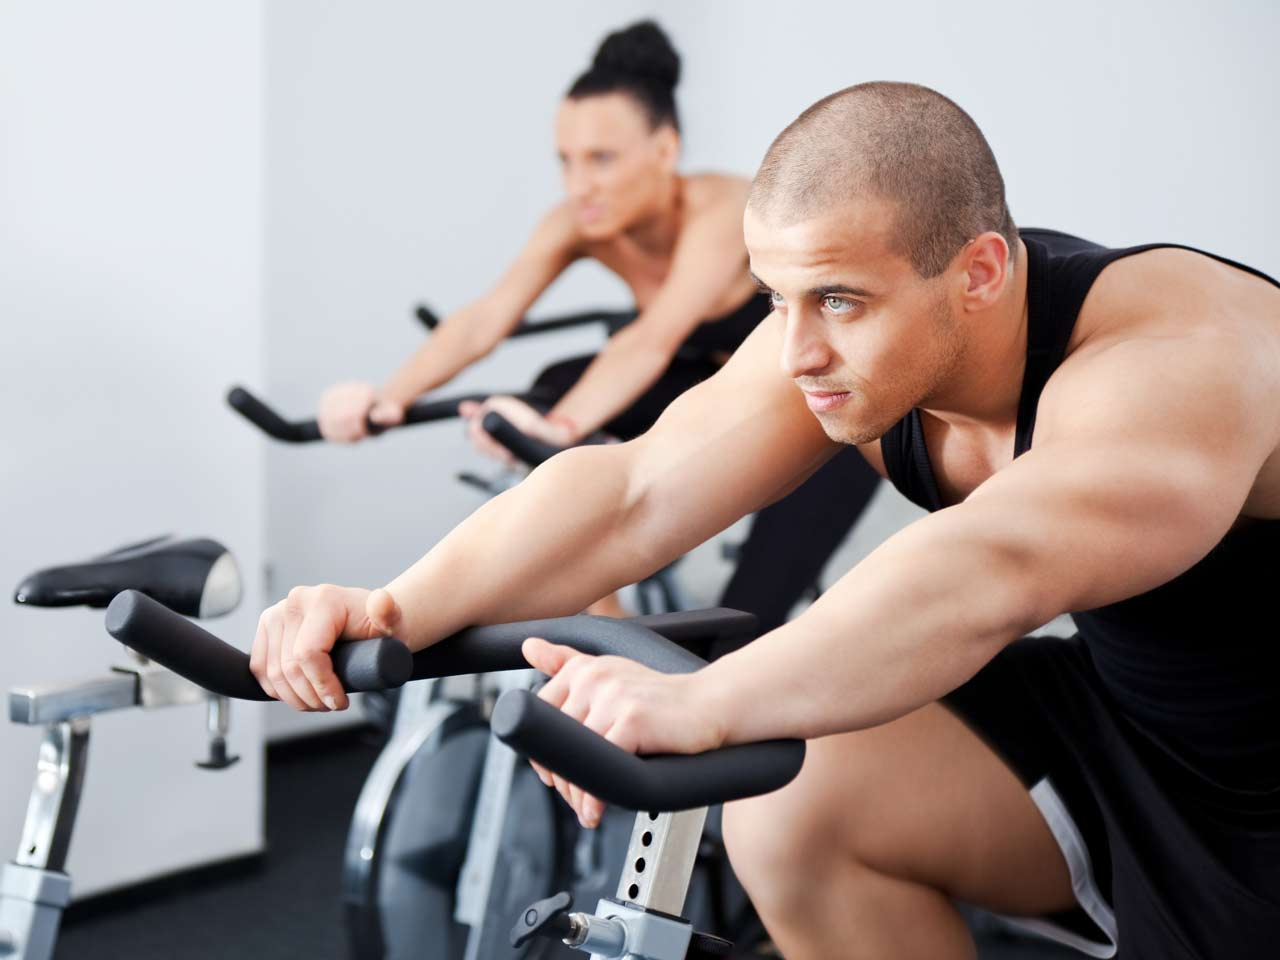 các lợi ích của việc tập thể dục6